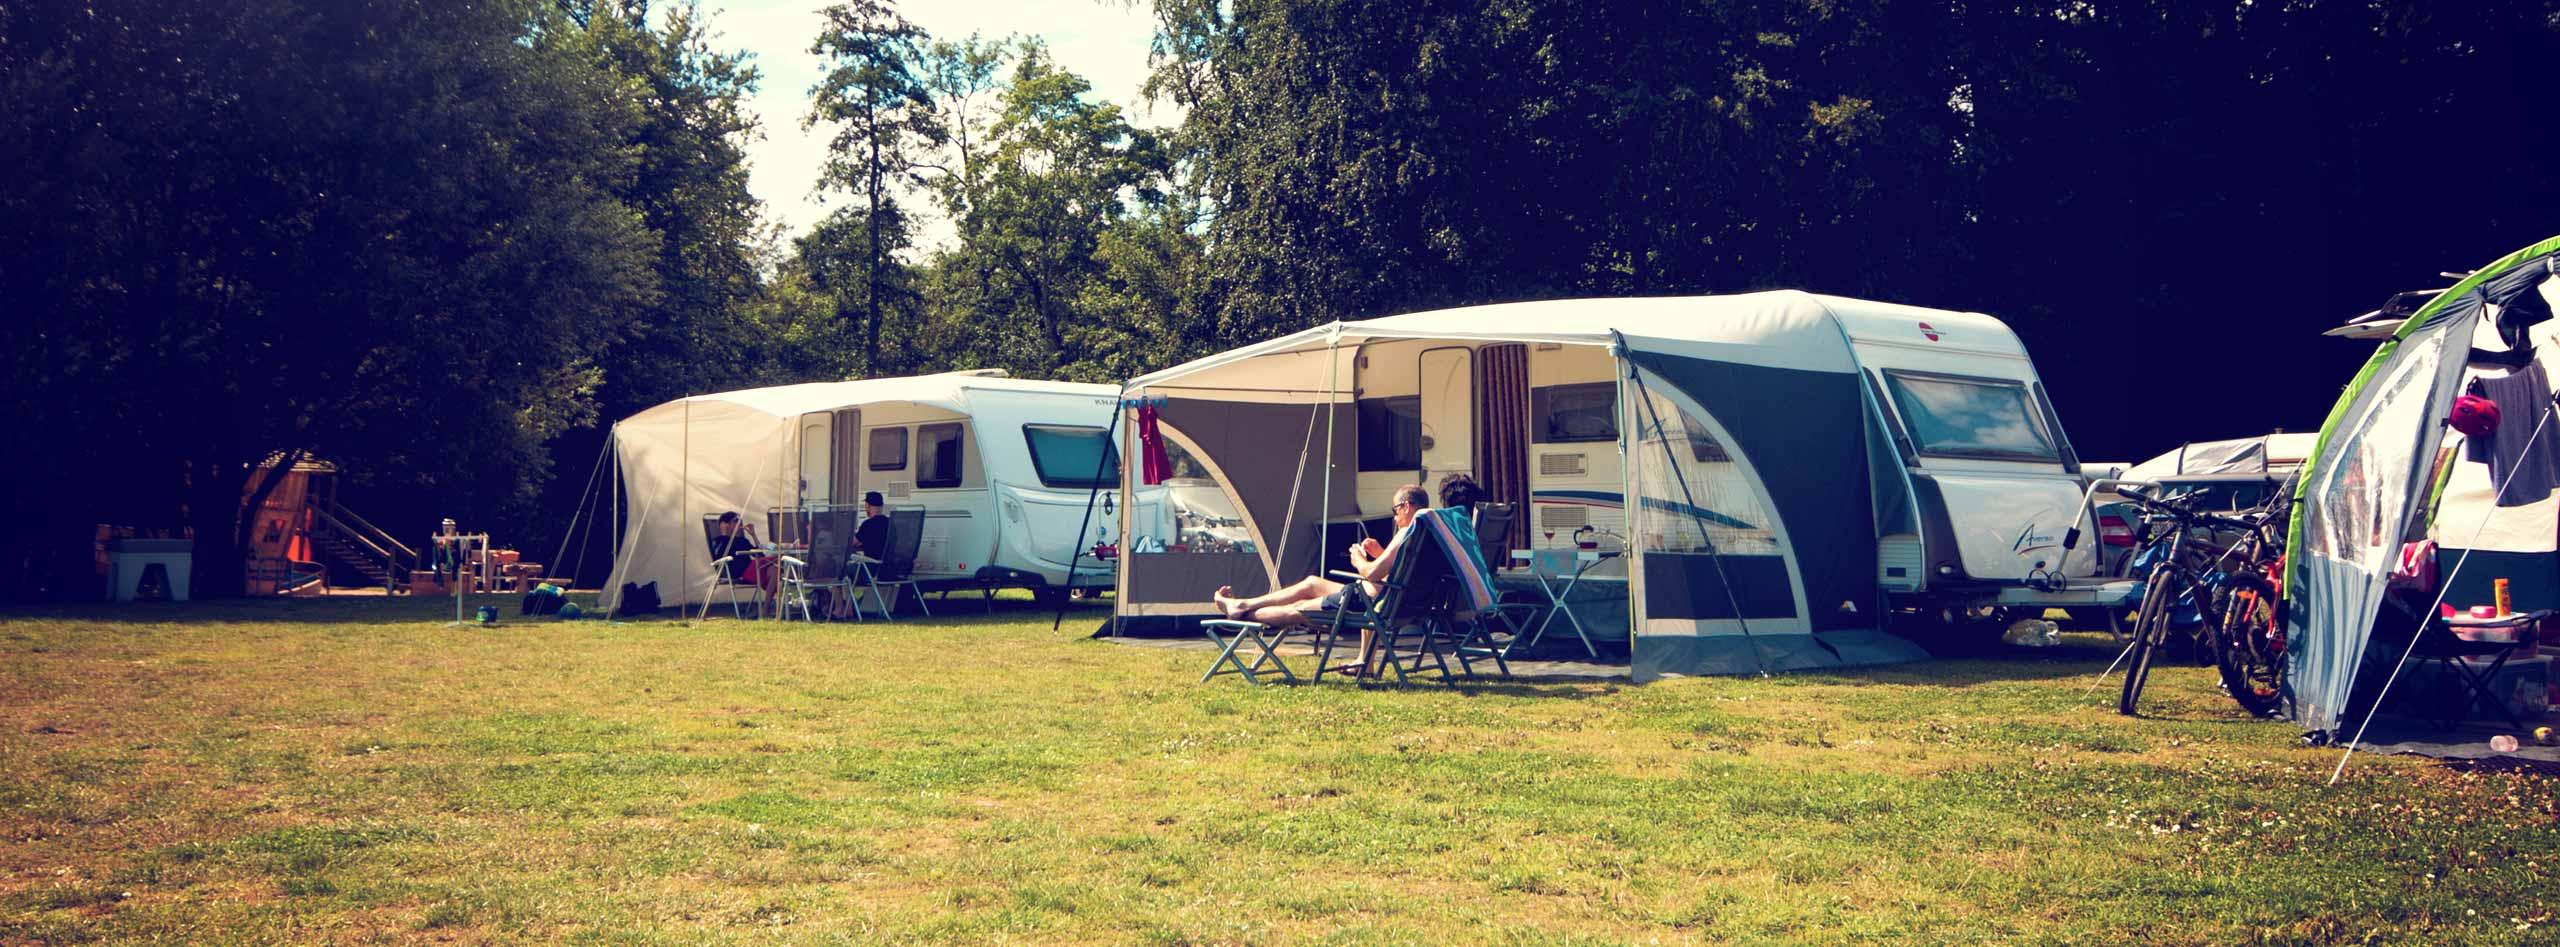 Camping und Ostseeferienpark